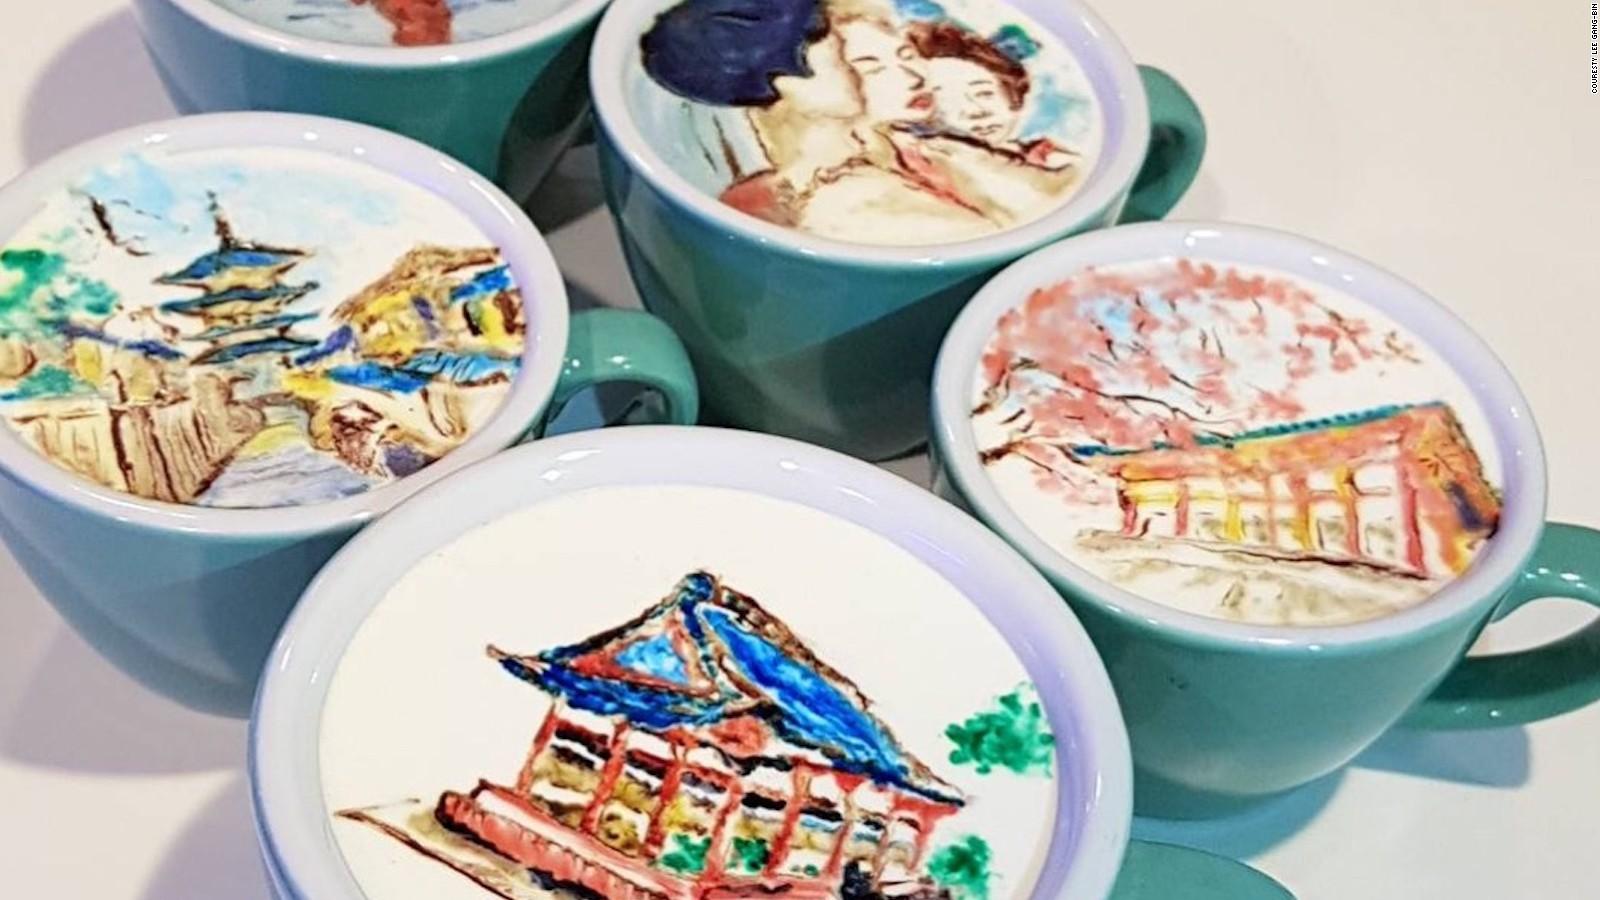 Prachtige latte art dat er uitziet als bekende schilderijen